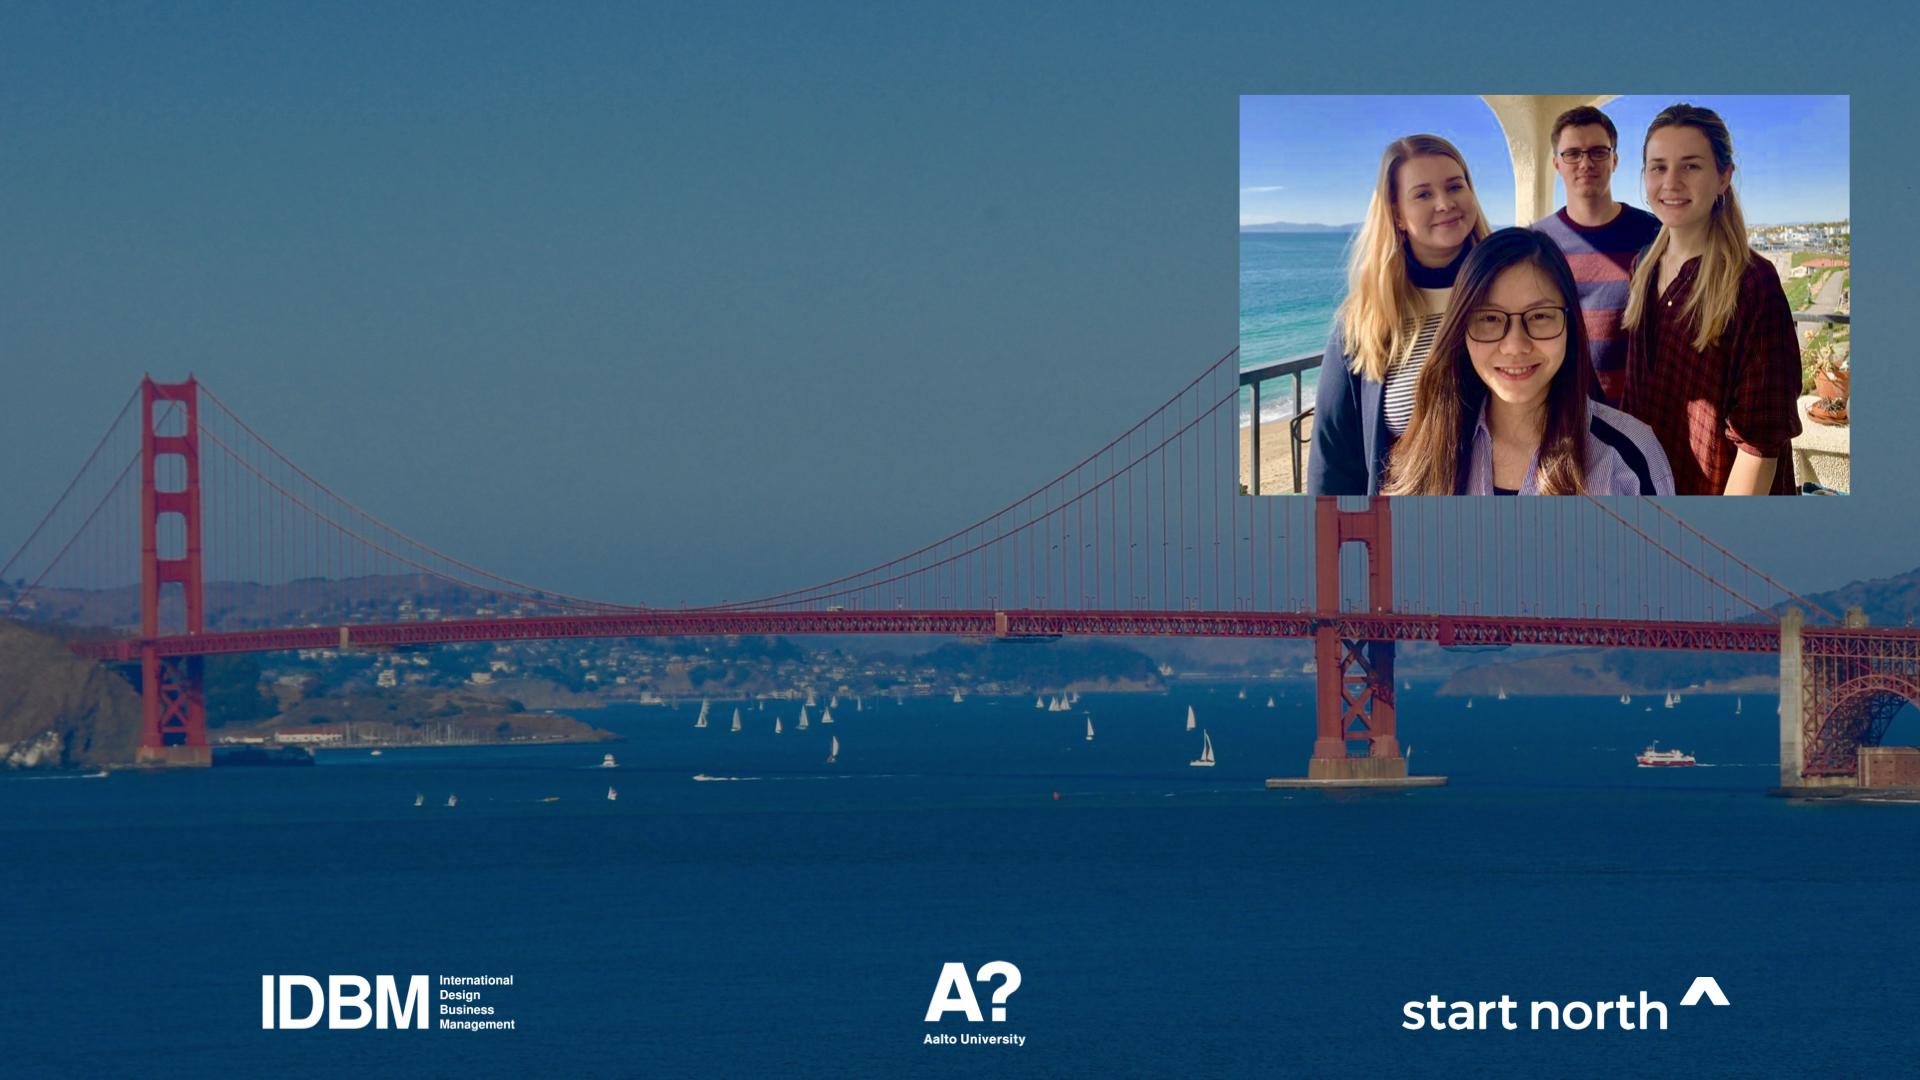 Meet team Northern Star! ✨ in San Francisco this week!